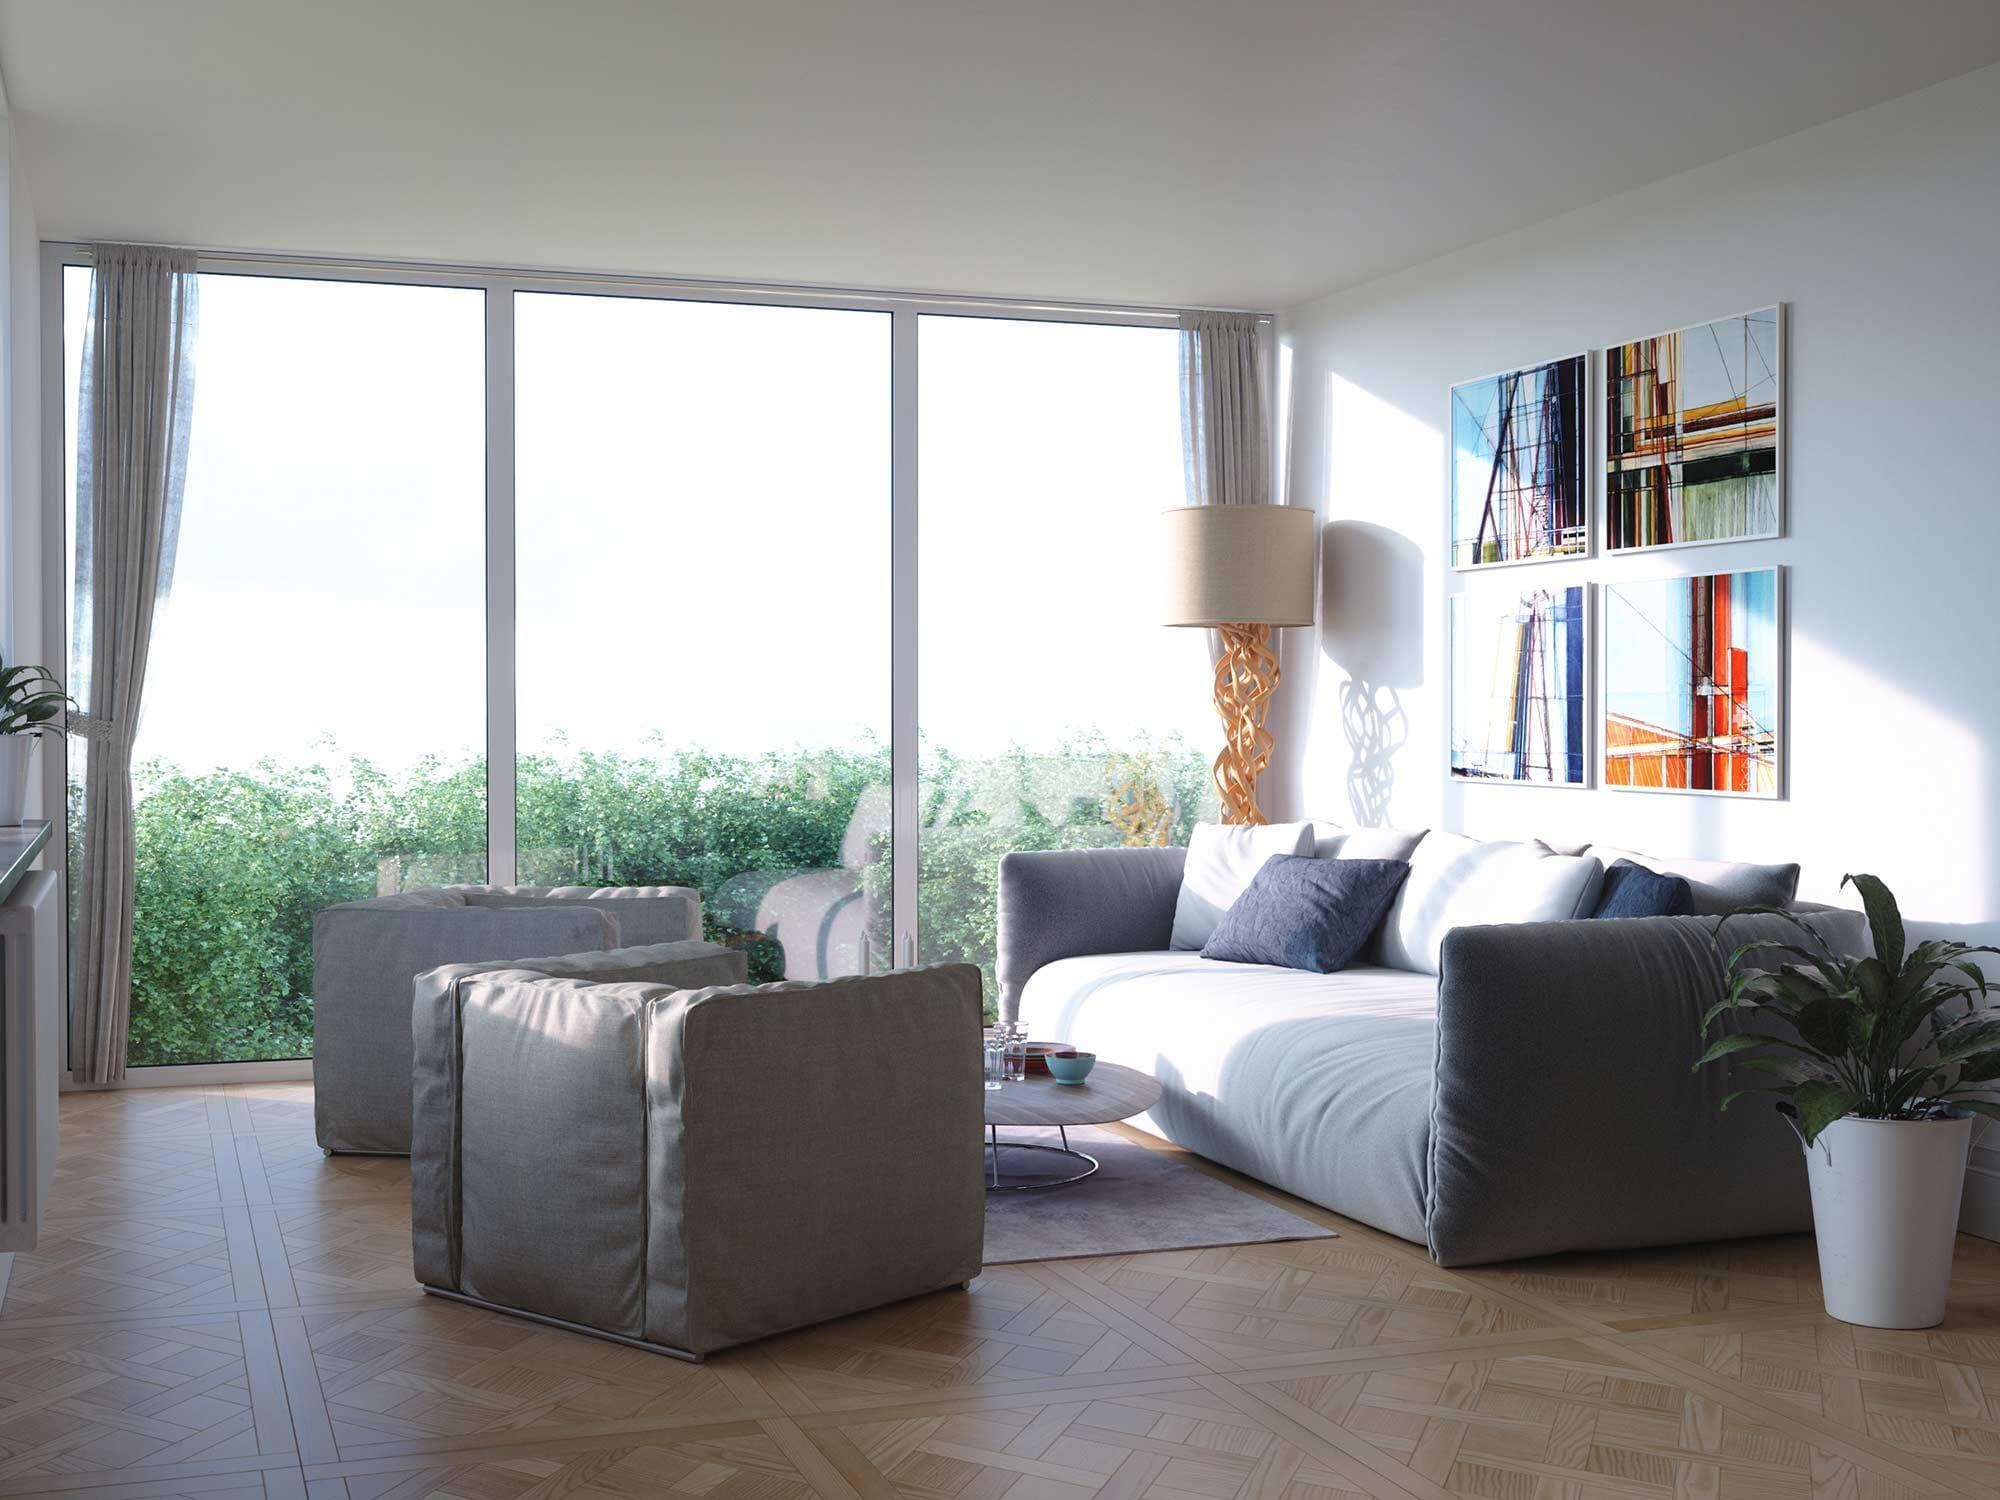 3D Rénovation Appartement Moderne Bruxelles